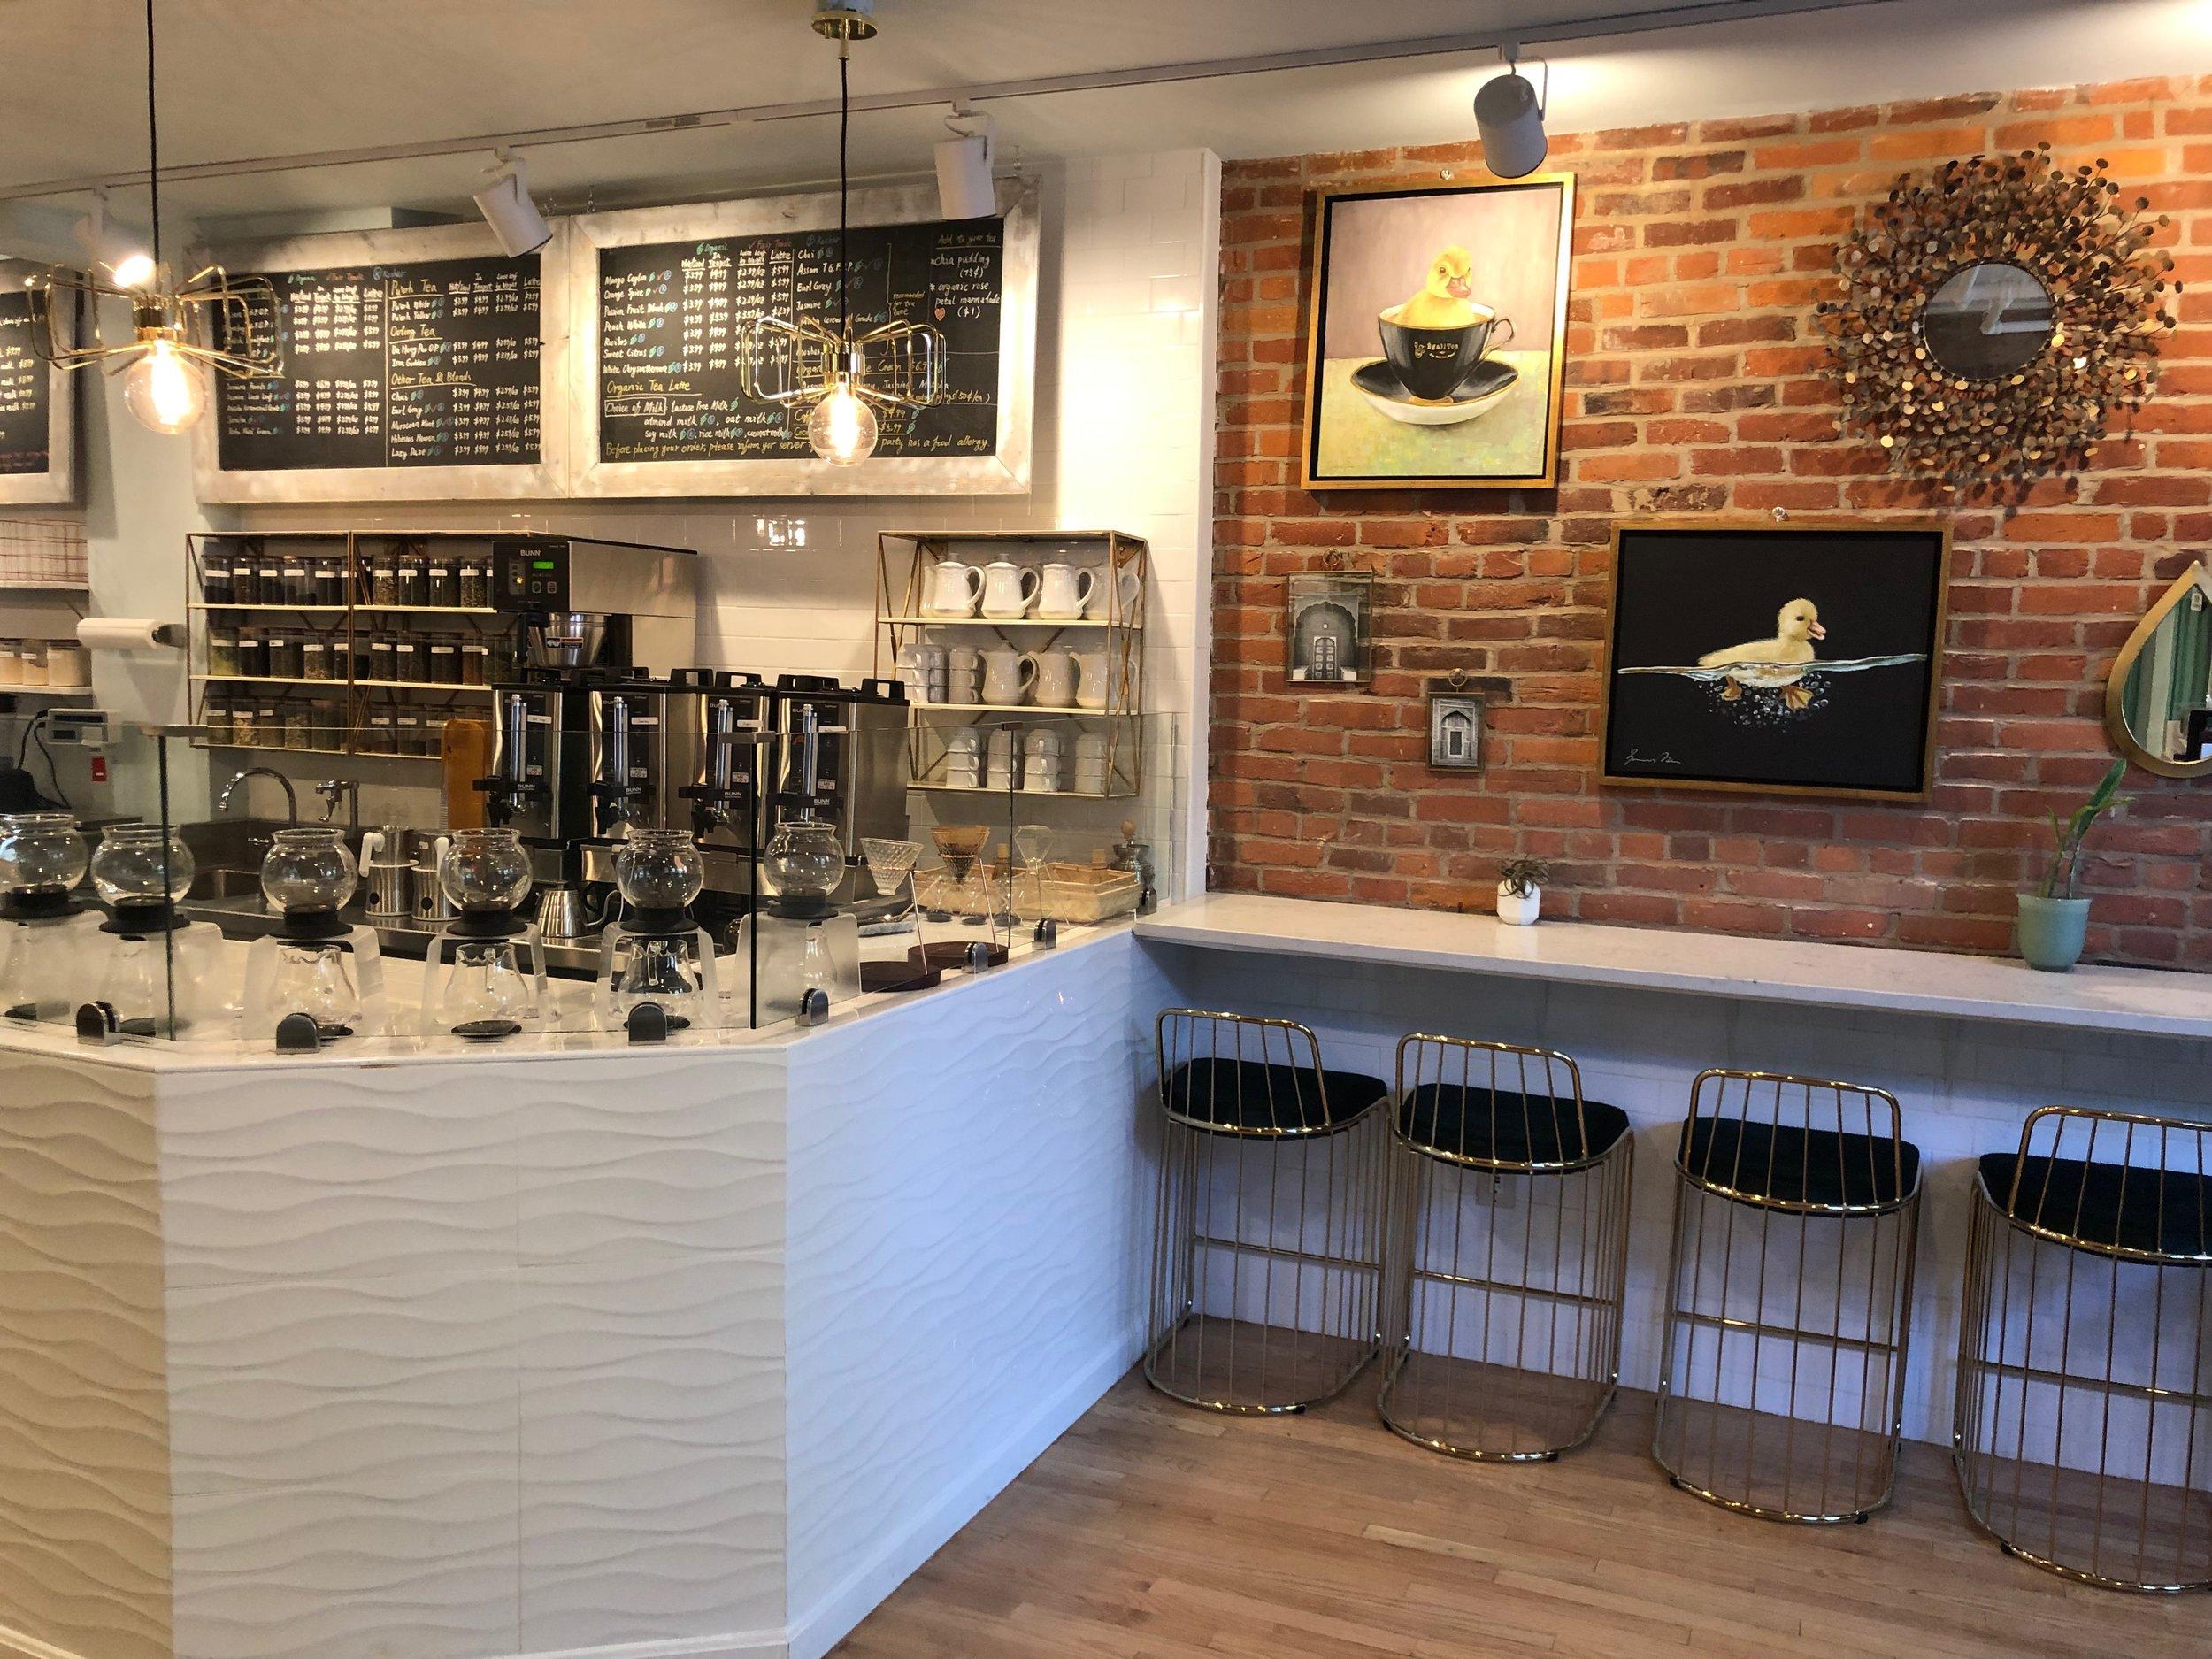 EgaliTea Organic Cafe - Boston, MA